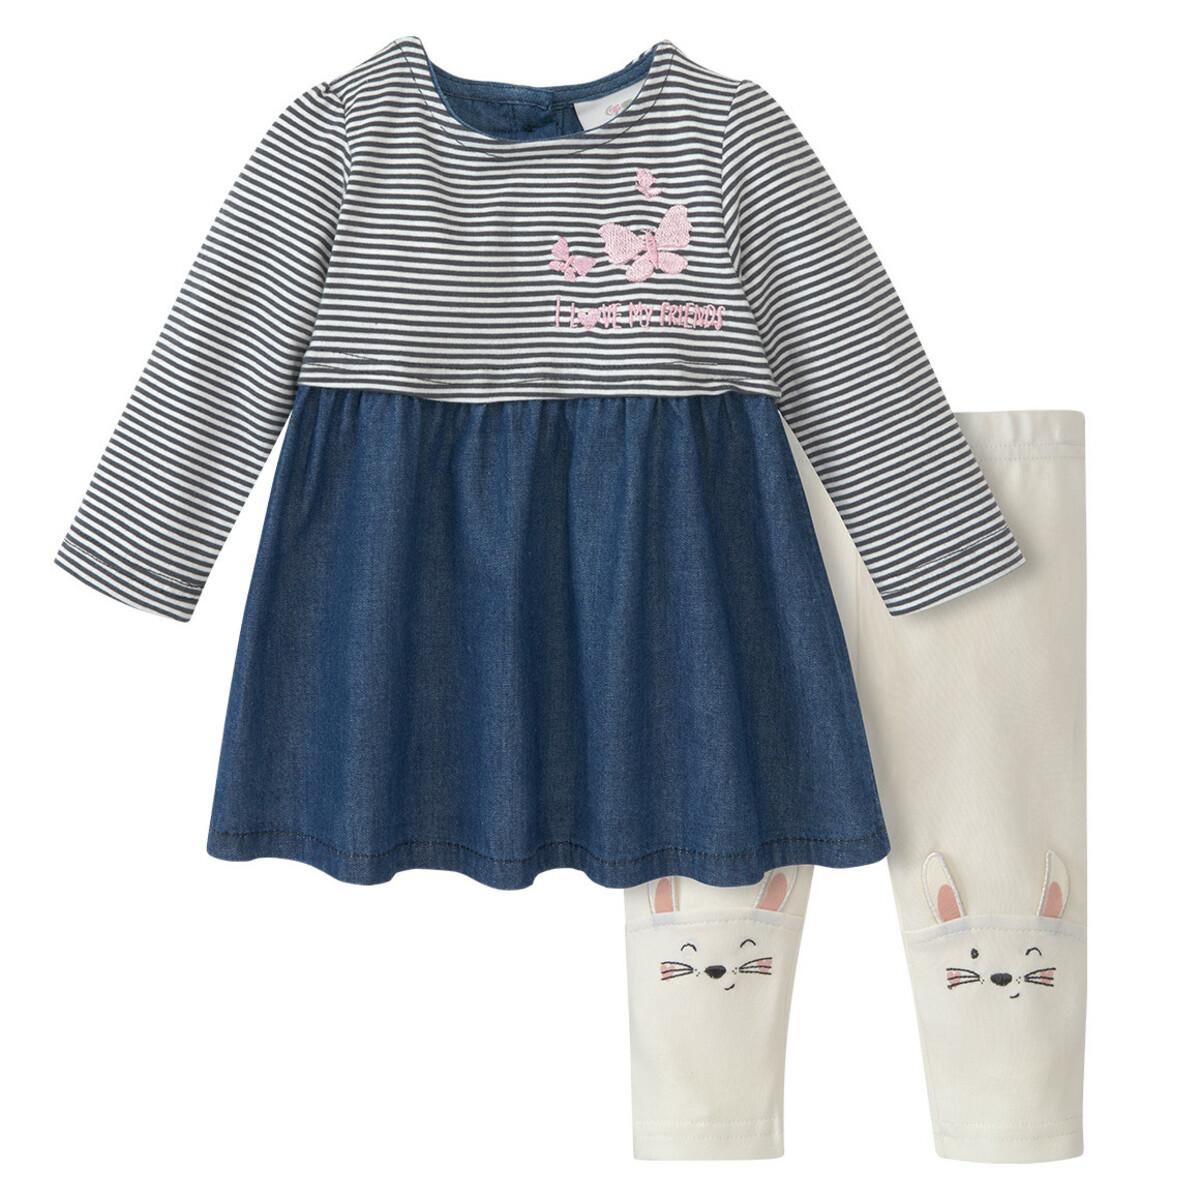 Bild 1 von Newborn Kleid und Leggings im Set